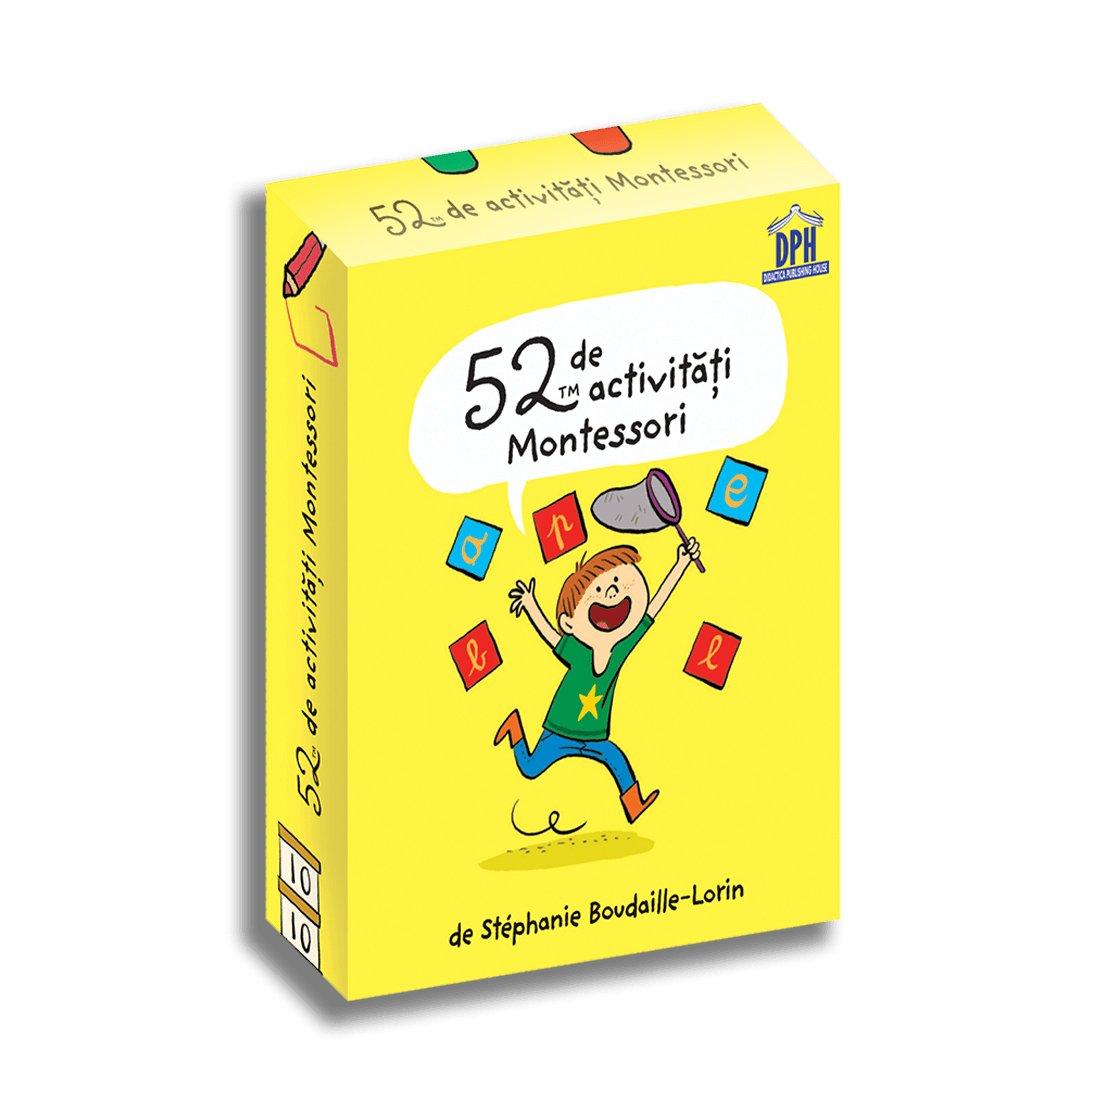 52 de activitati Montessori, Editura DPH